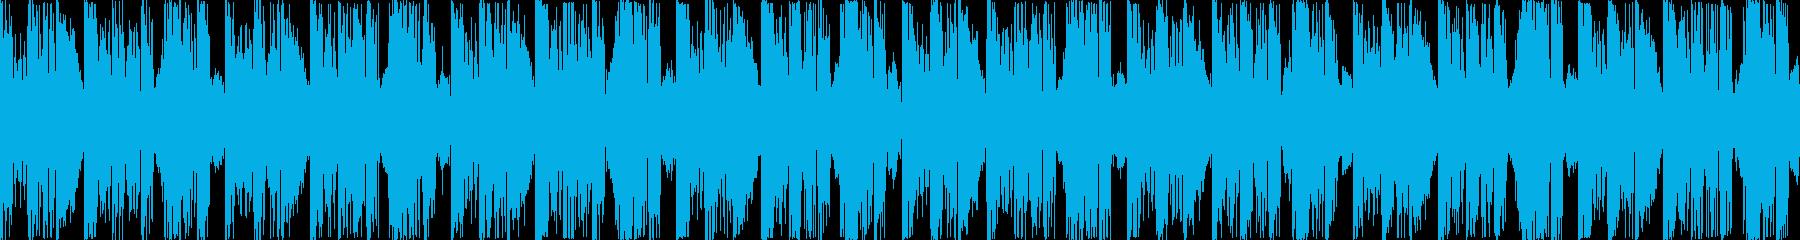 エレクトロニカなBGMの再生済みの波形